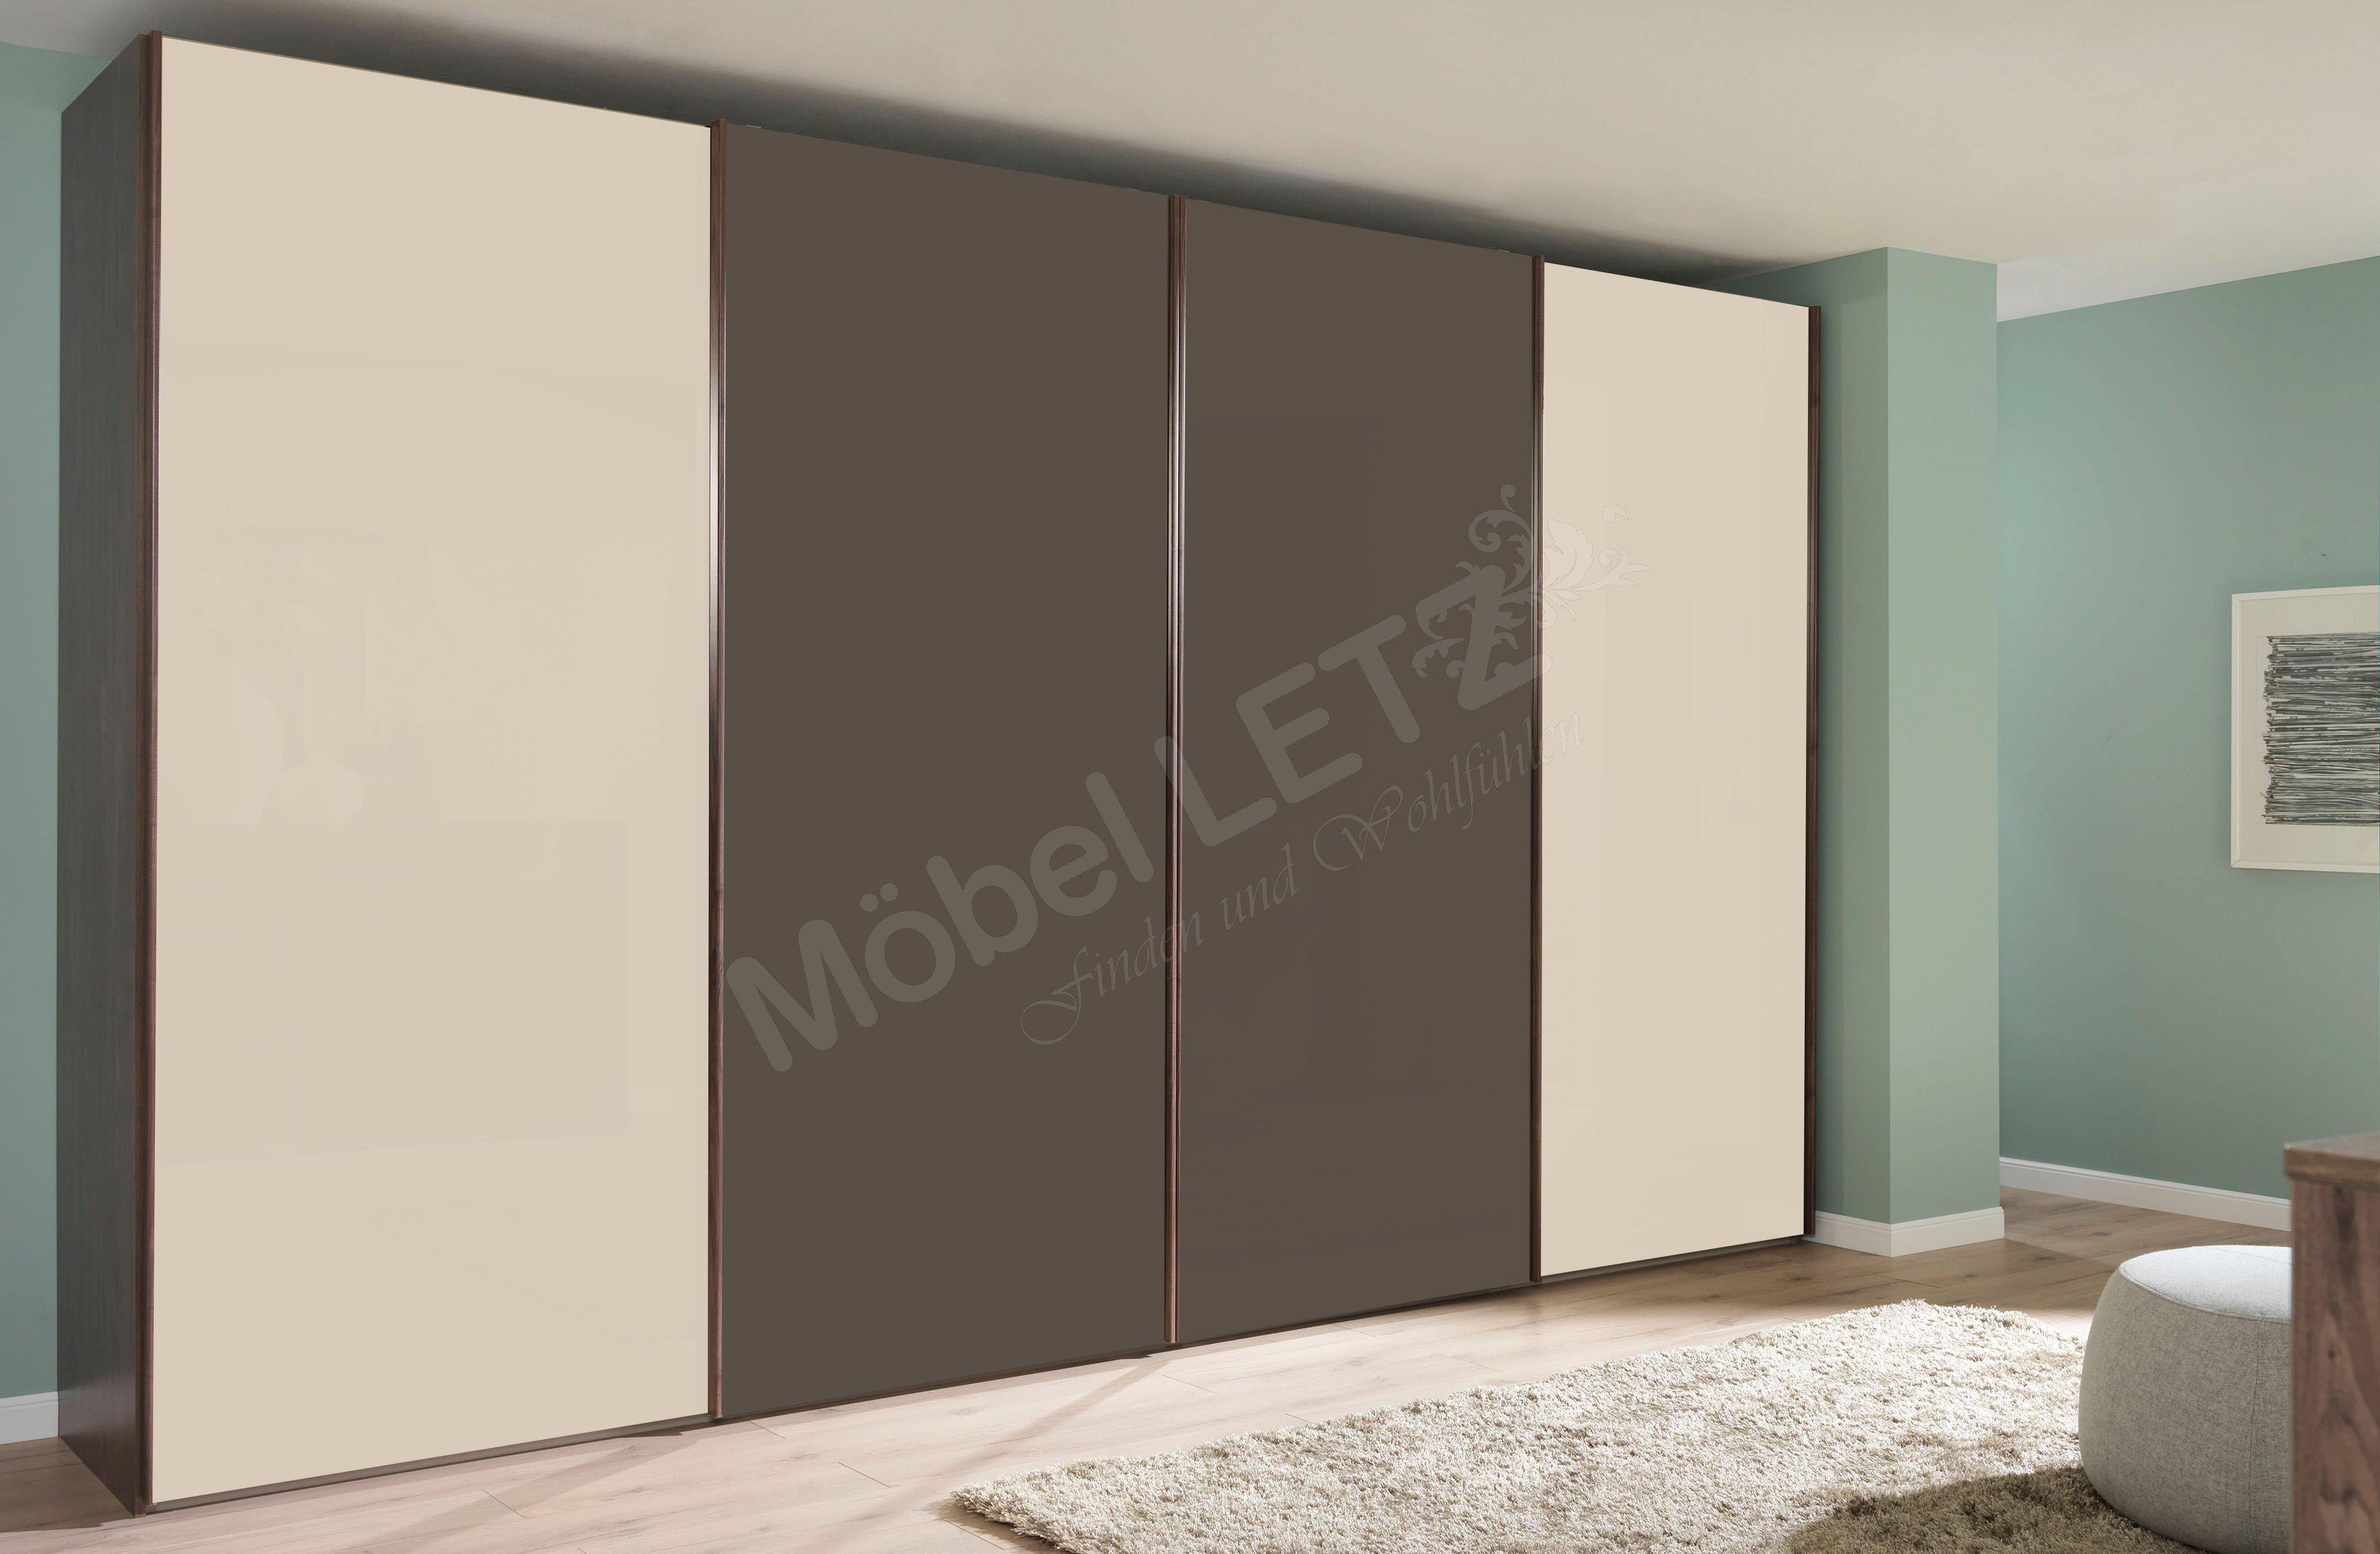 mbel kranz onlineshop trendy kugel kranz rot with mbel. Black Bedroom Furniture Sets. Home Design Ideas